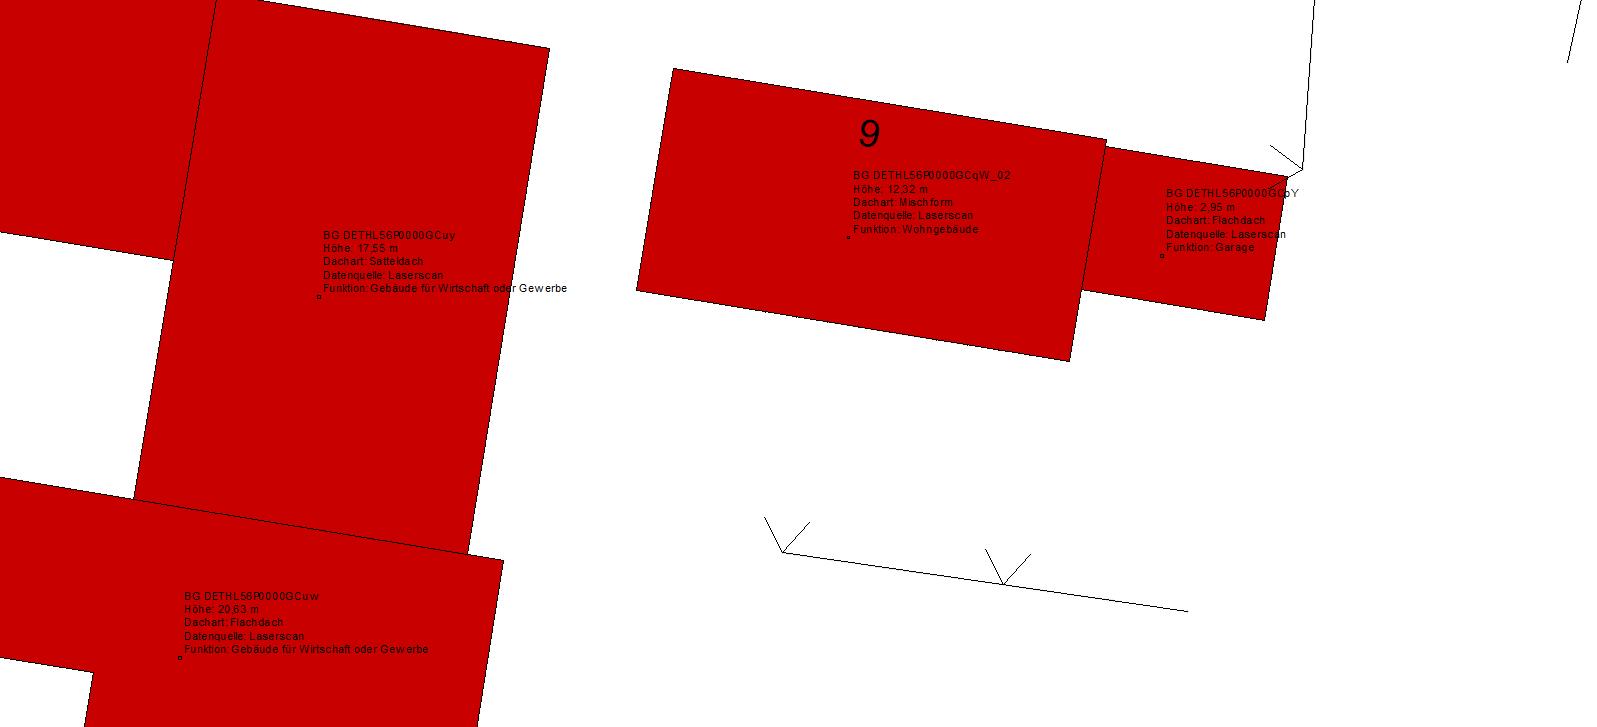 Abbildung 4: Achszeichnung mit CityGML-Bauwerken und Beschriftung aus Nebenattributen